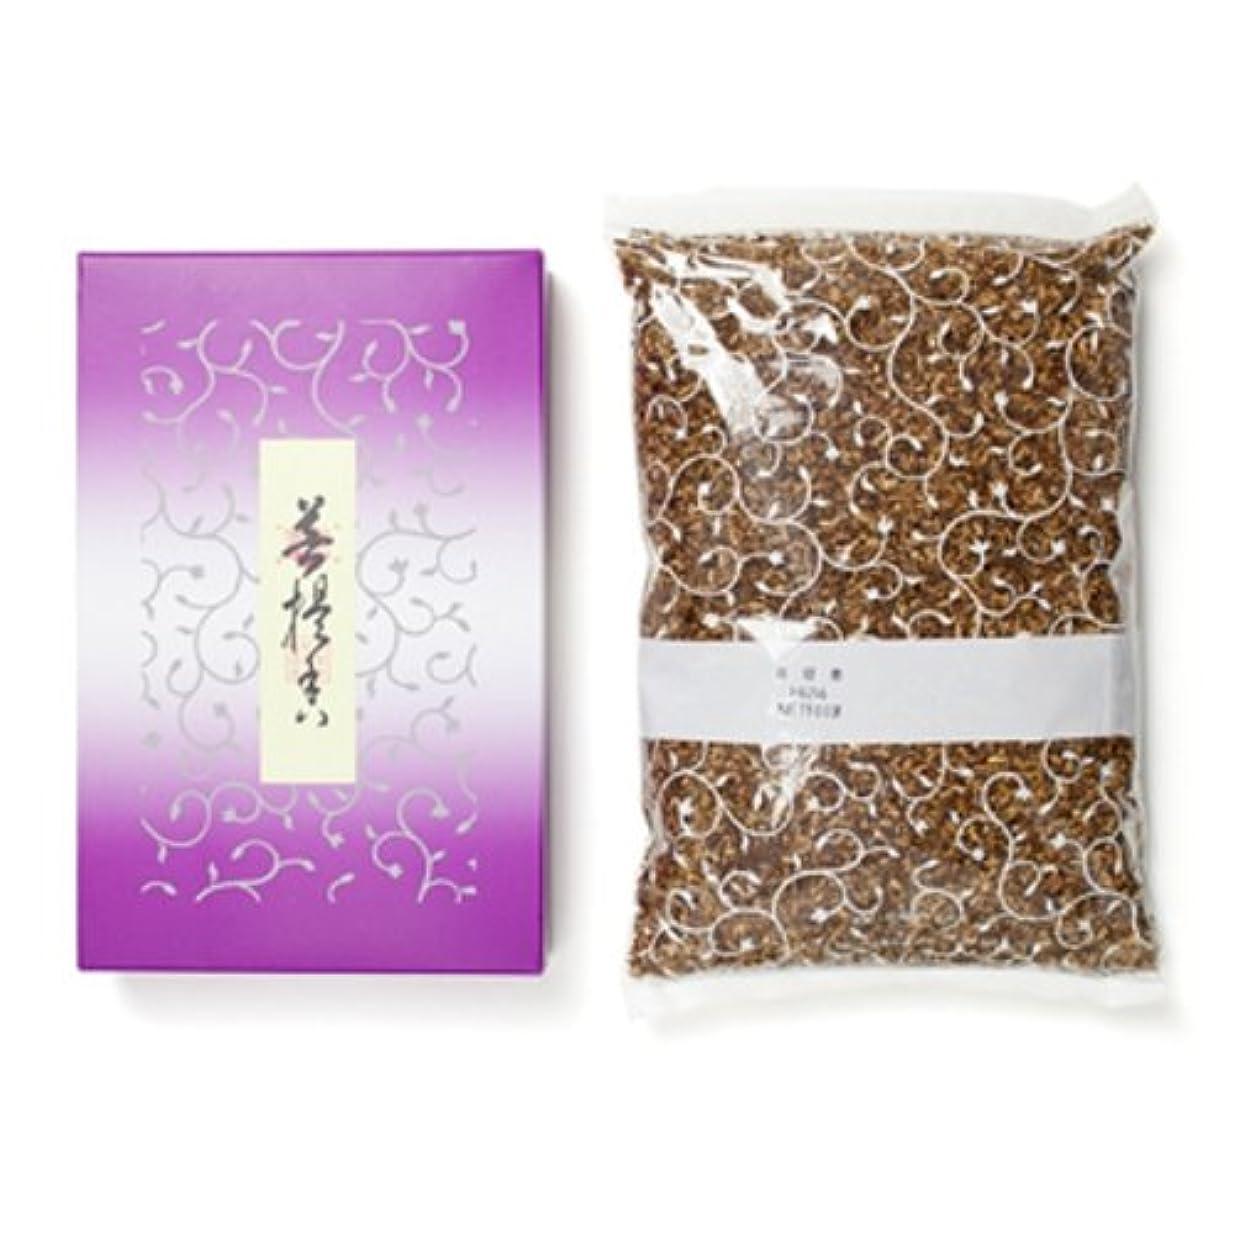 可決ジャンク米国松栄堂のお焼香 菩提香 500g詰 紙箱入 #410411